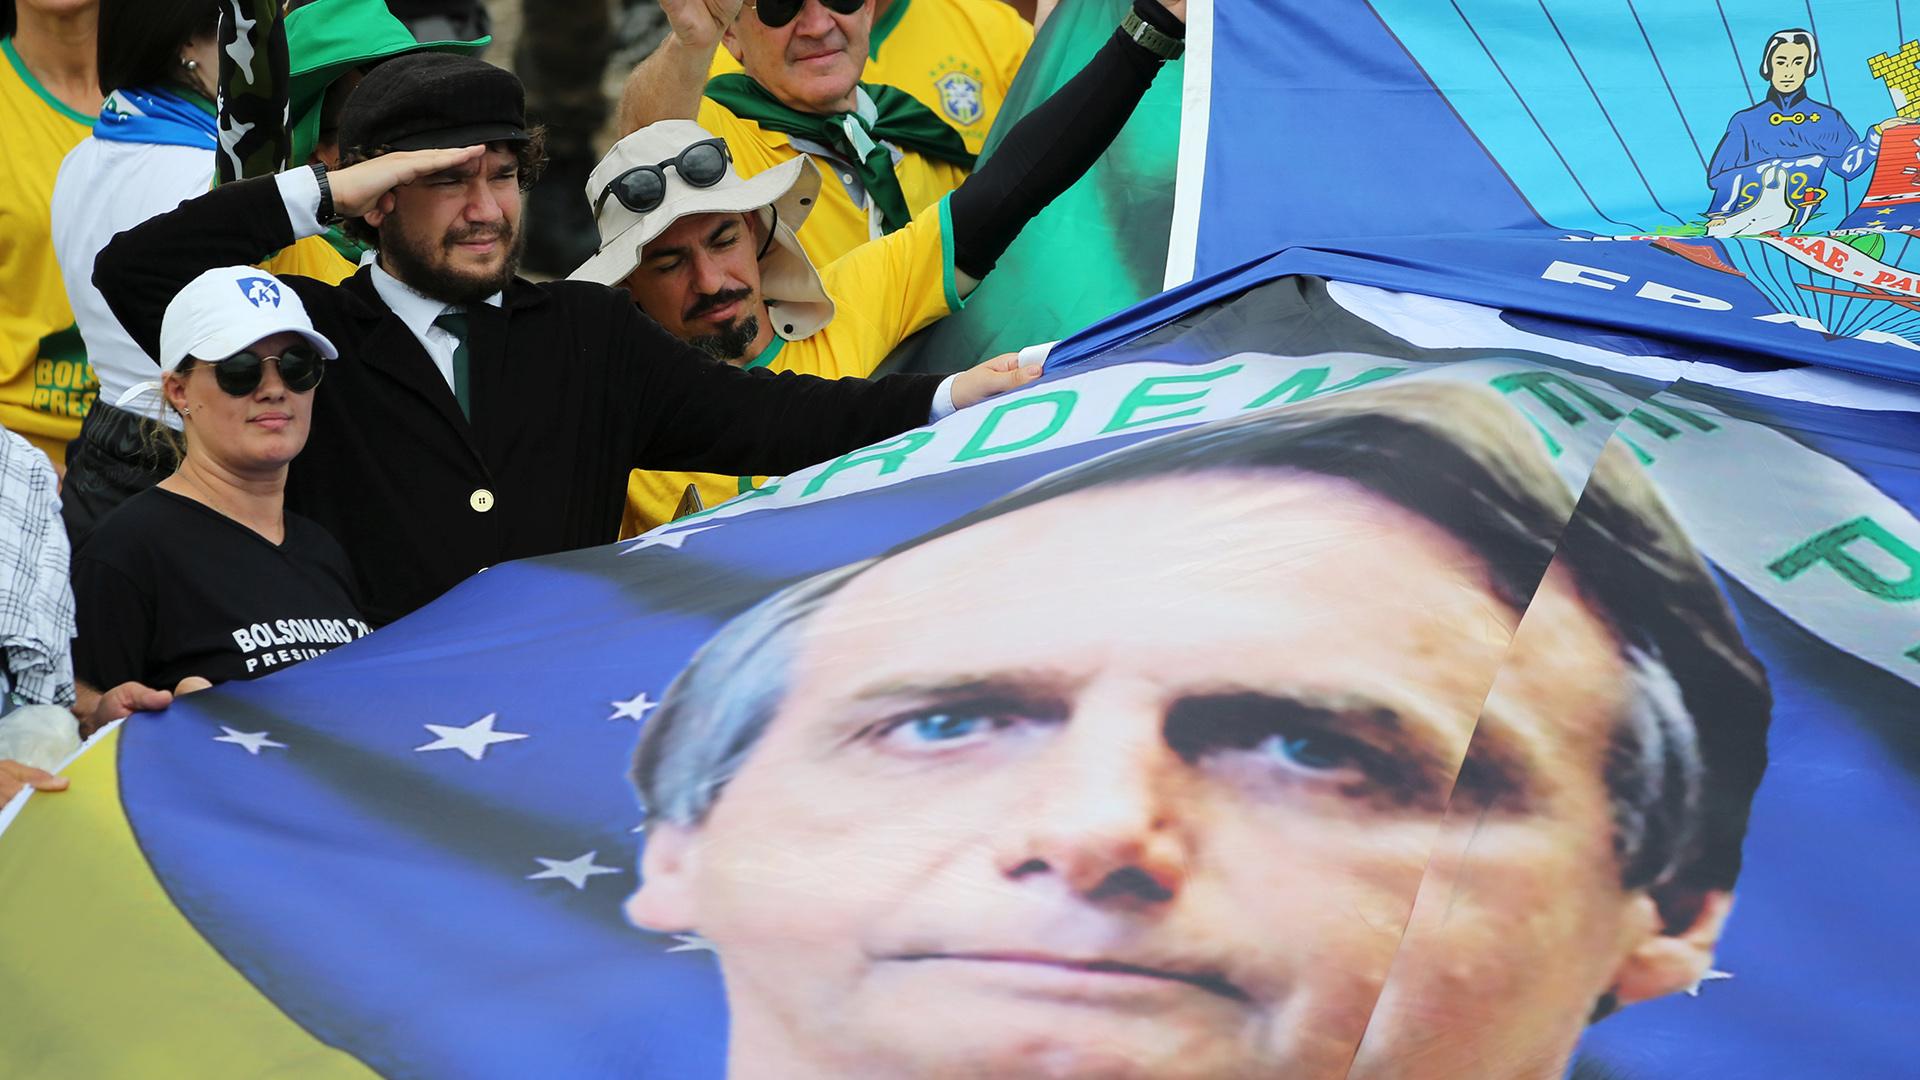 Los seguidores sostienen una bandera con el rostro de Bolsonaro (REUTERS/Sergio Moraes)